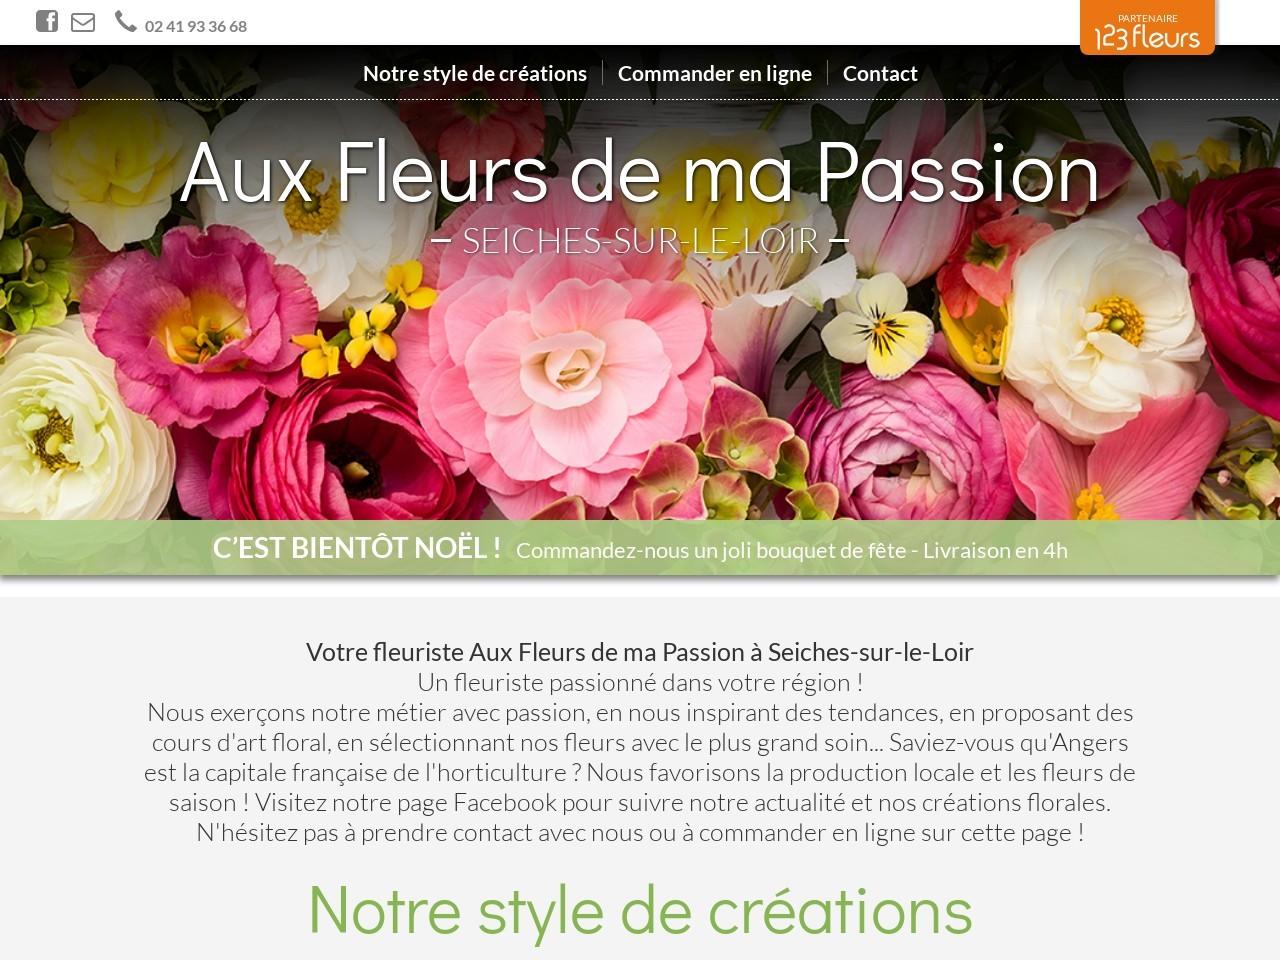 Site fleuriste Aux Fleurs de ma Passion - 123fleurs